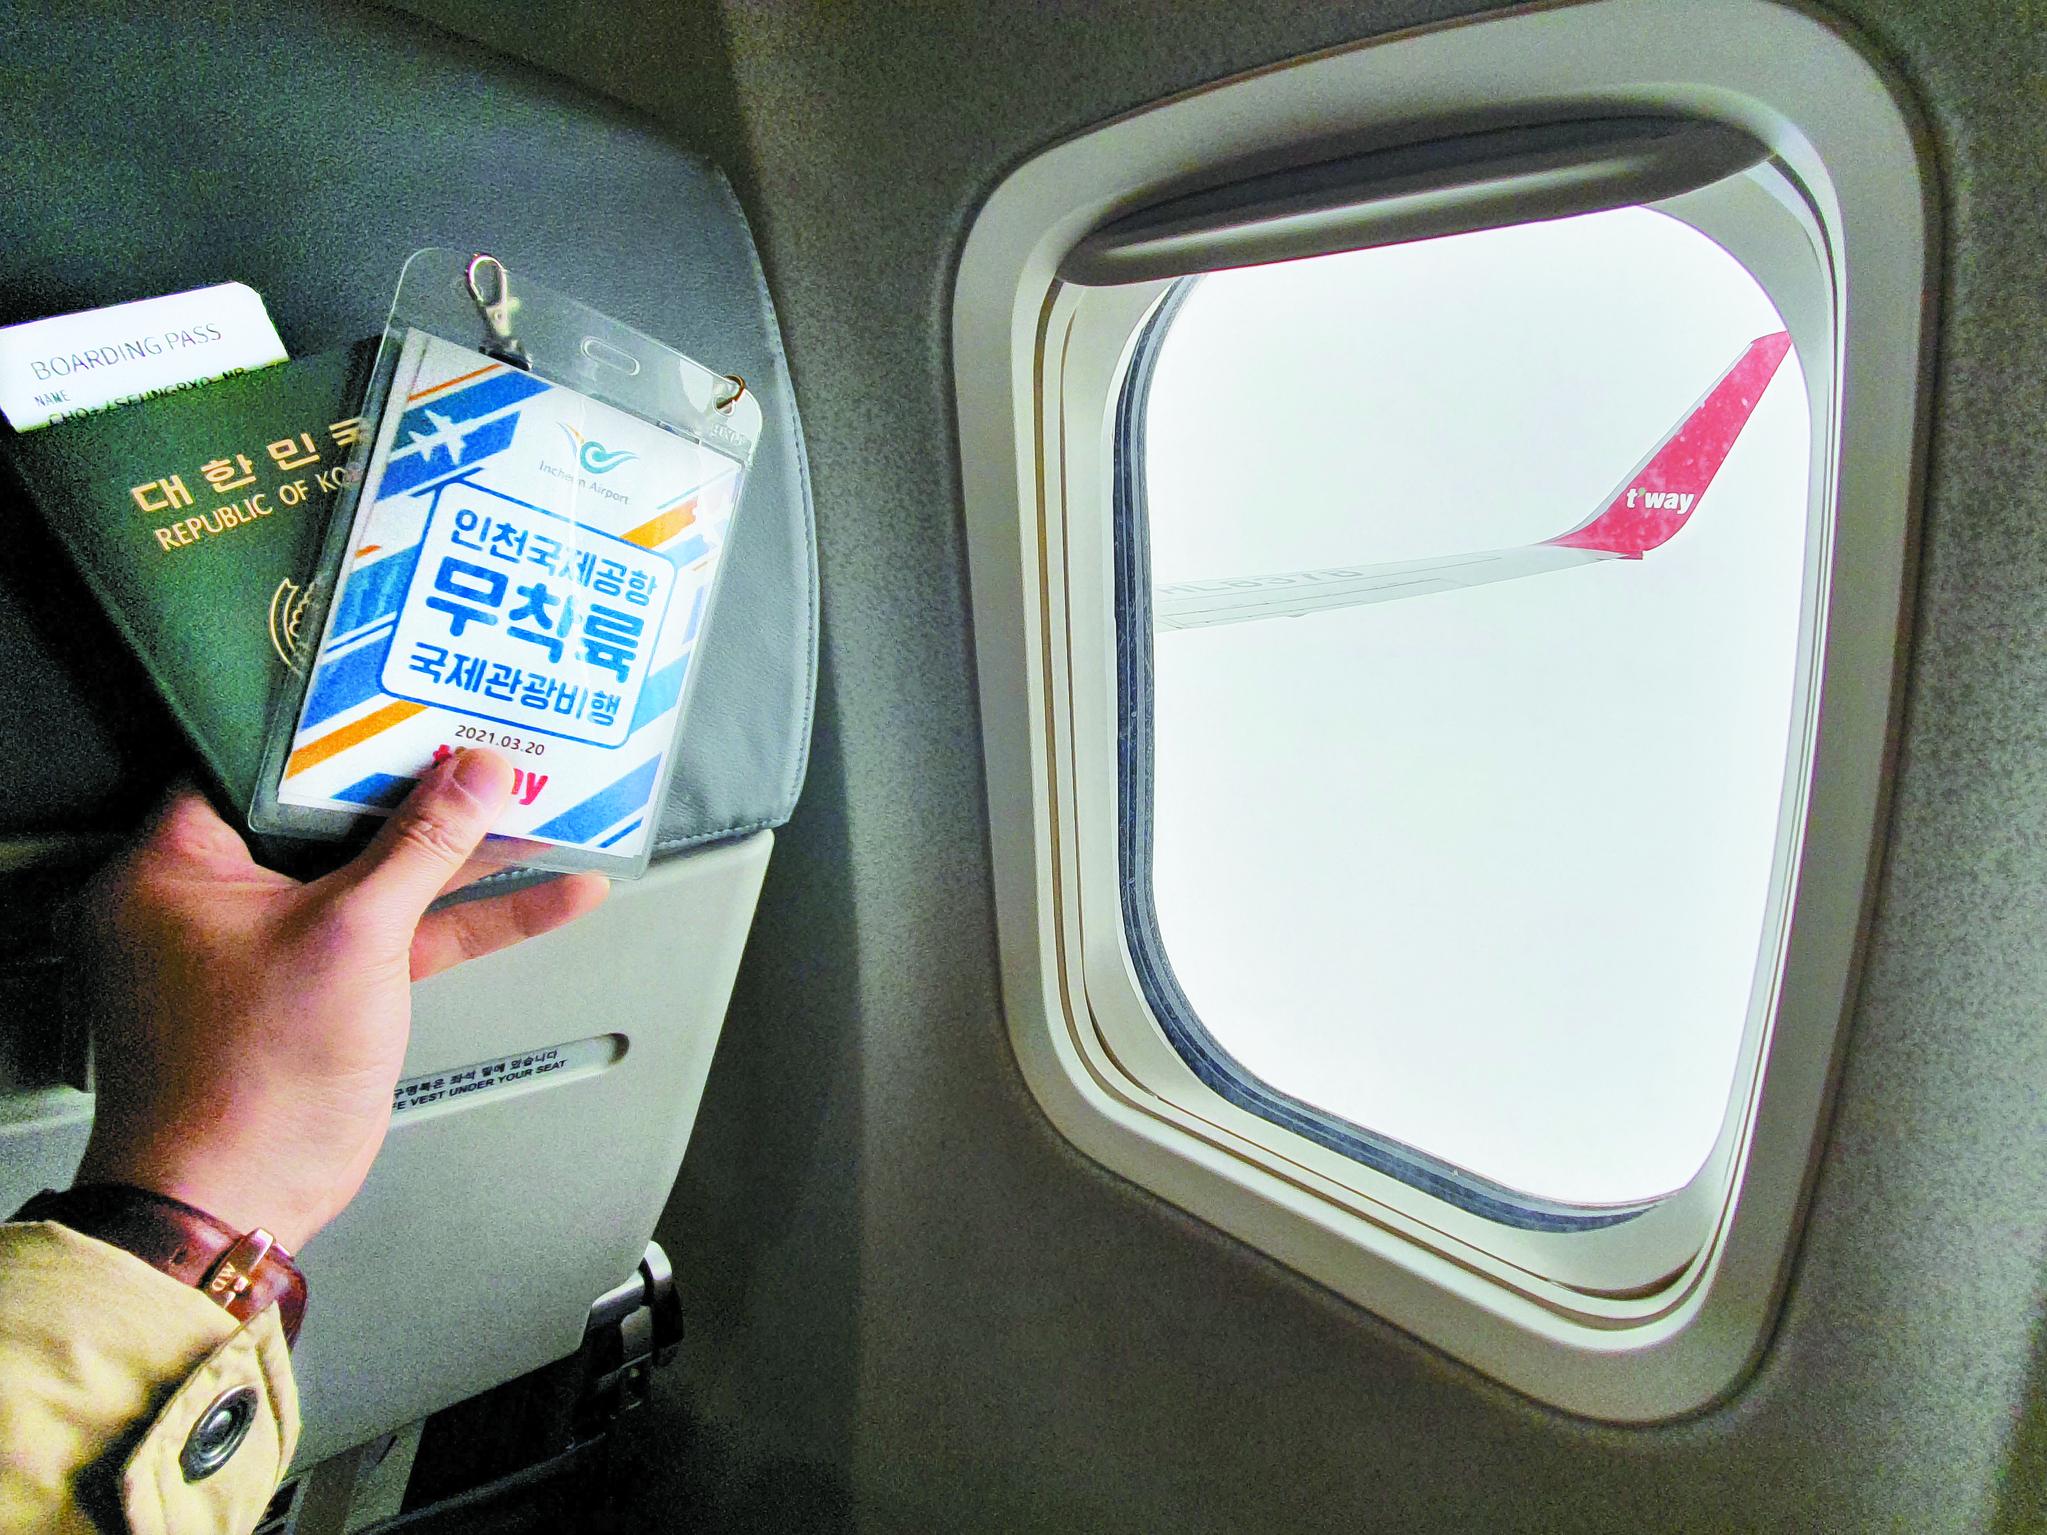 무착륙 국제관광비행은 지난해 말 인천공항에 첫 도입됐다. [중앙일보]